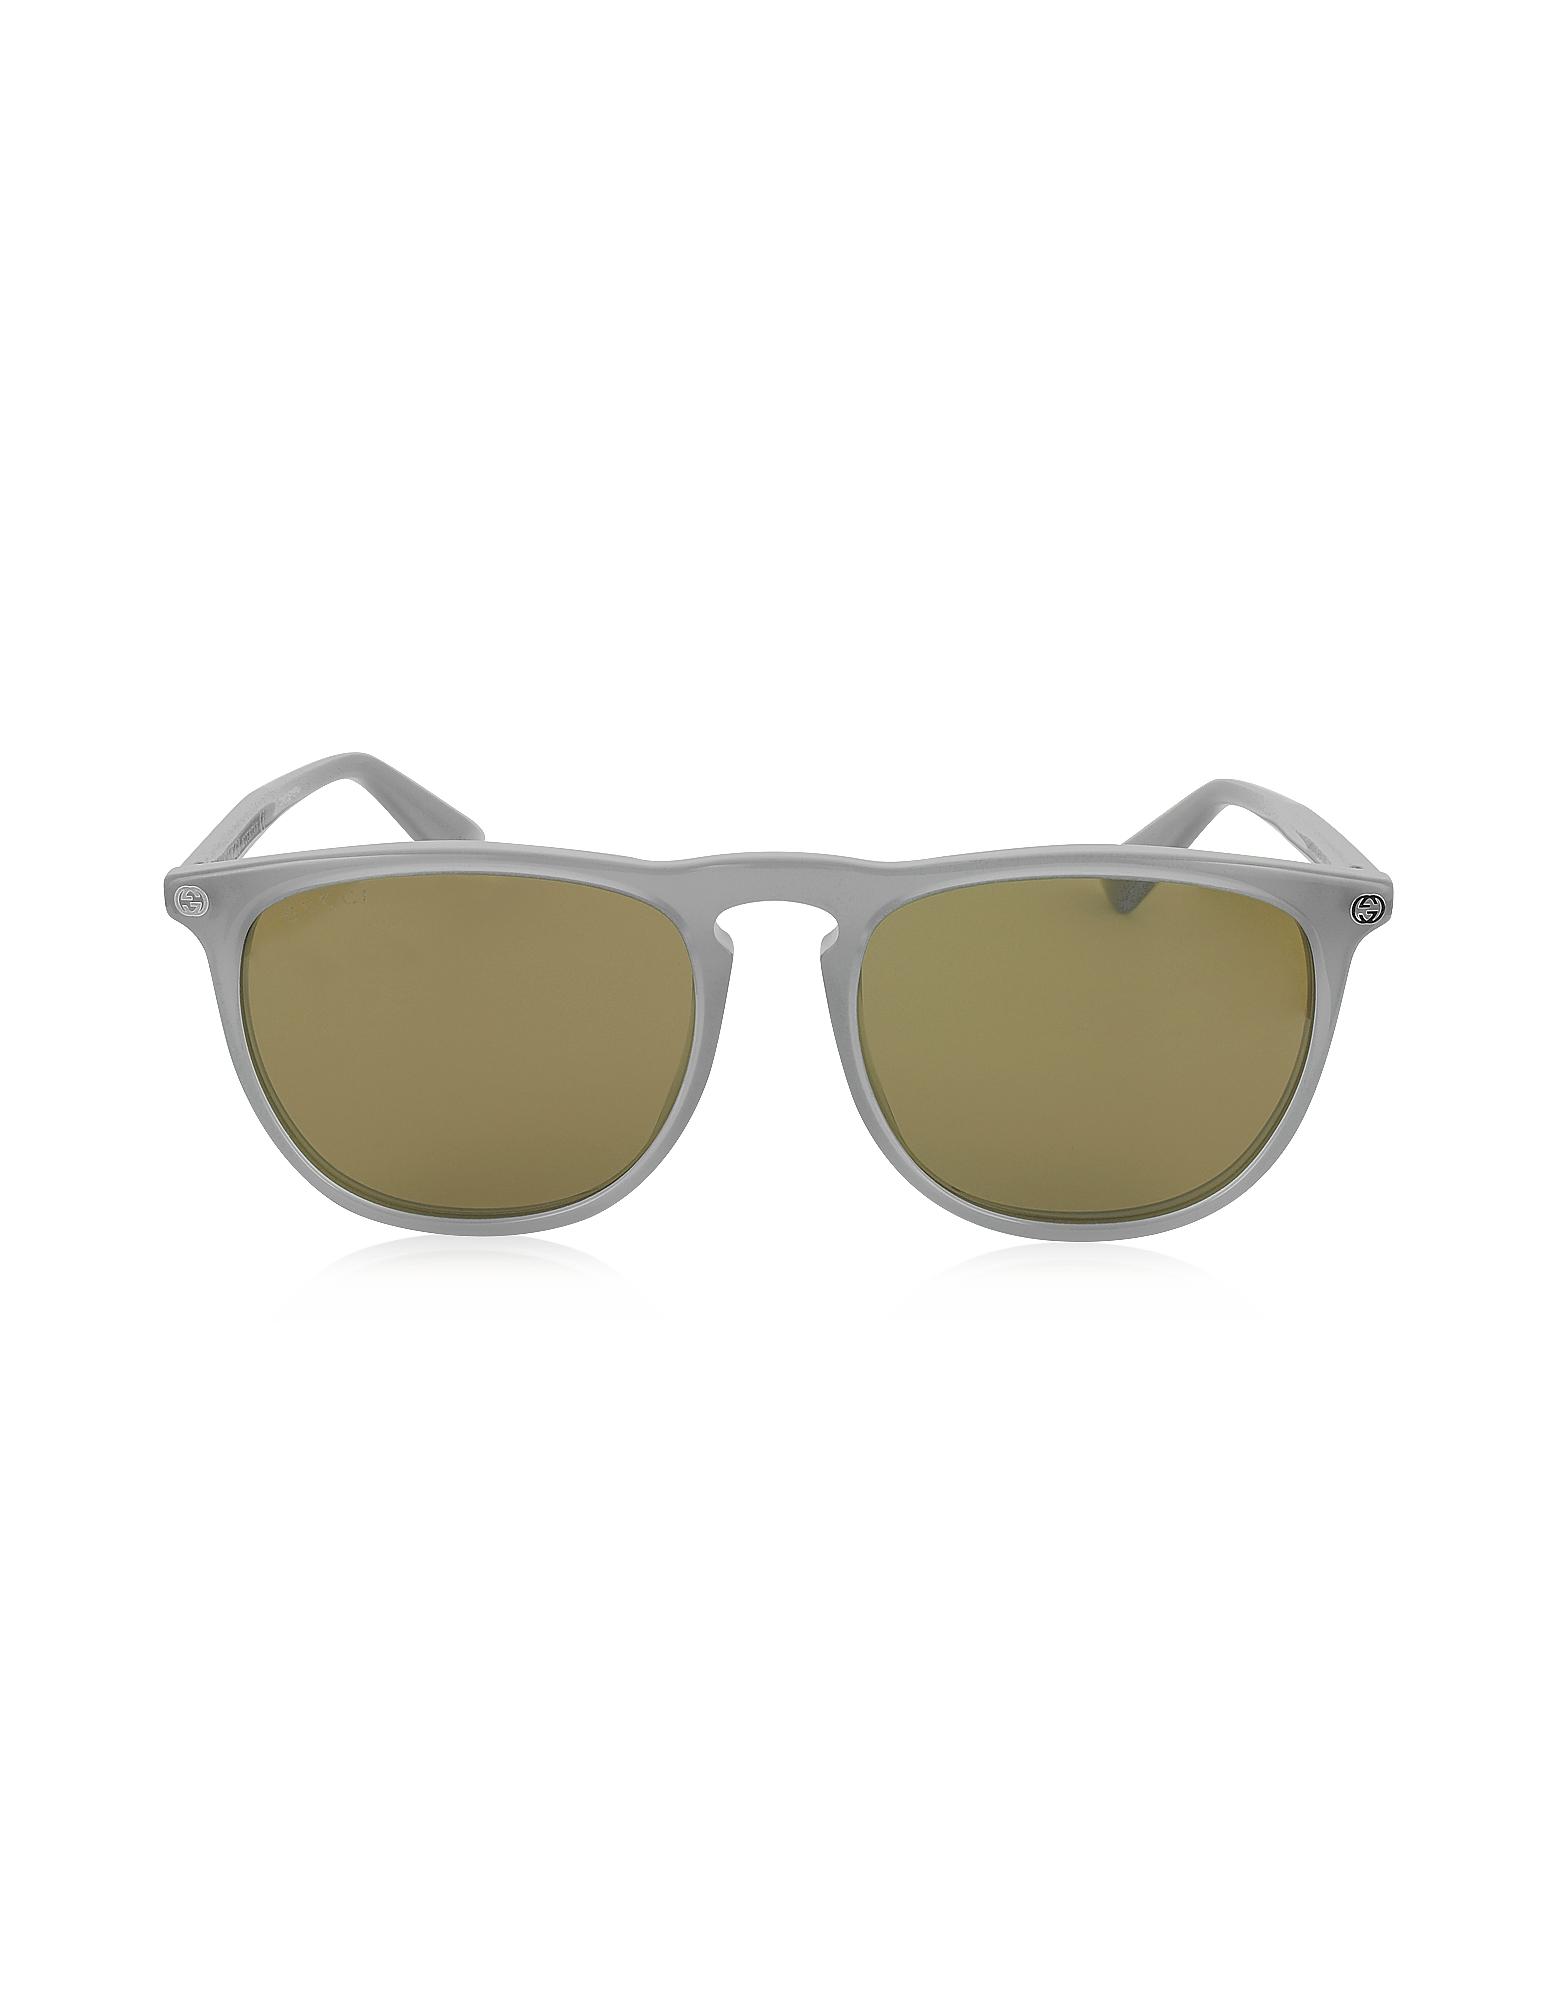 Gucci Sunglasses, GG0120S 005 Gray Acetate Rounded Square Men's Sunglasses